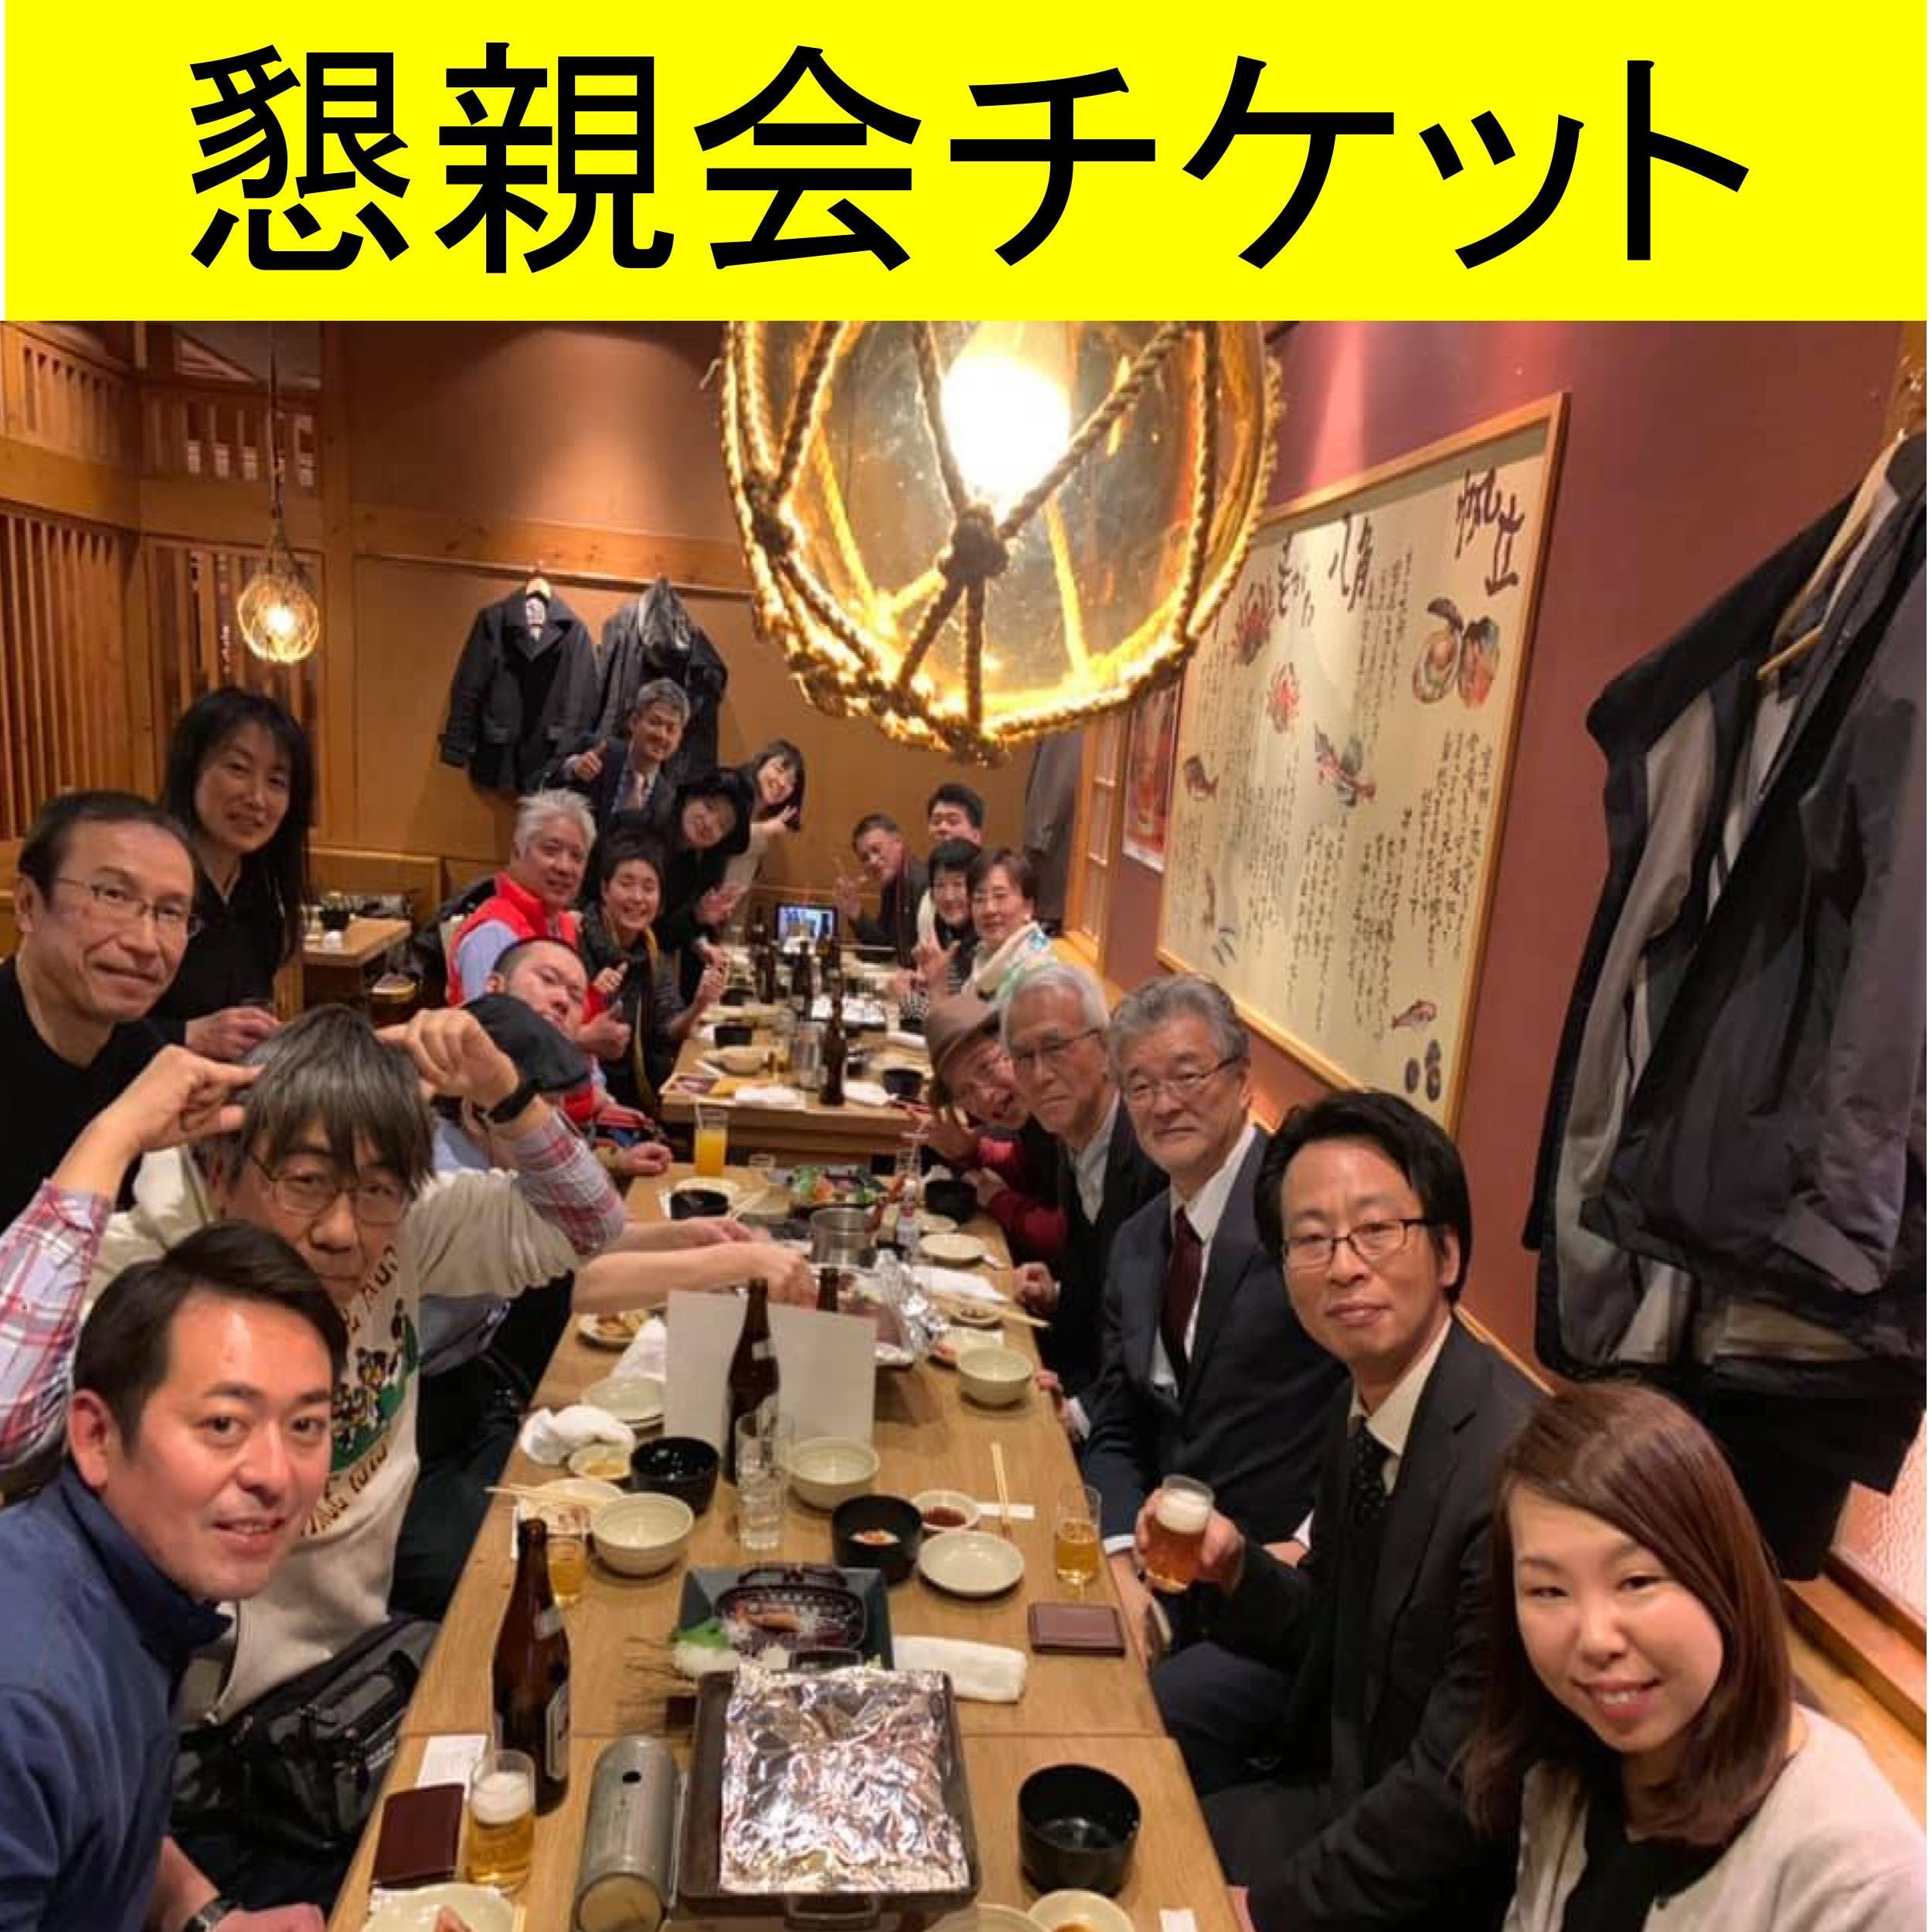 【全員共通】日本の医療と福祉を考える会 9/16 懇親会 チケットのイメージその2